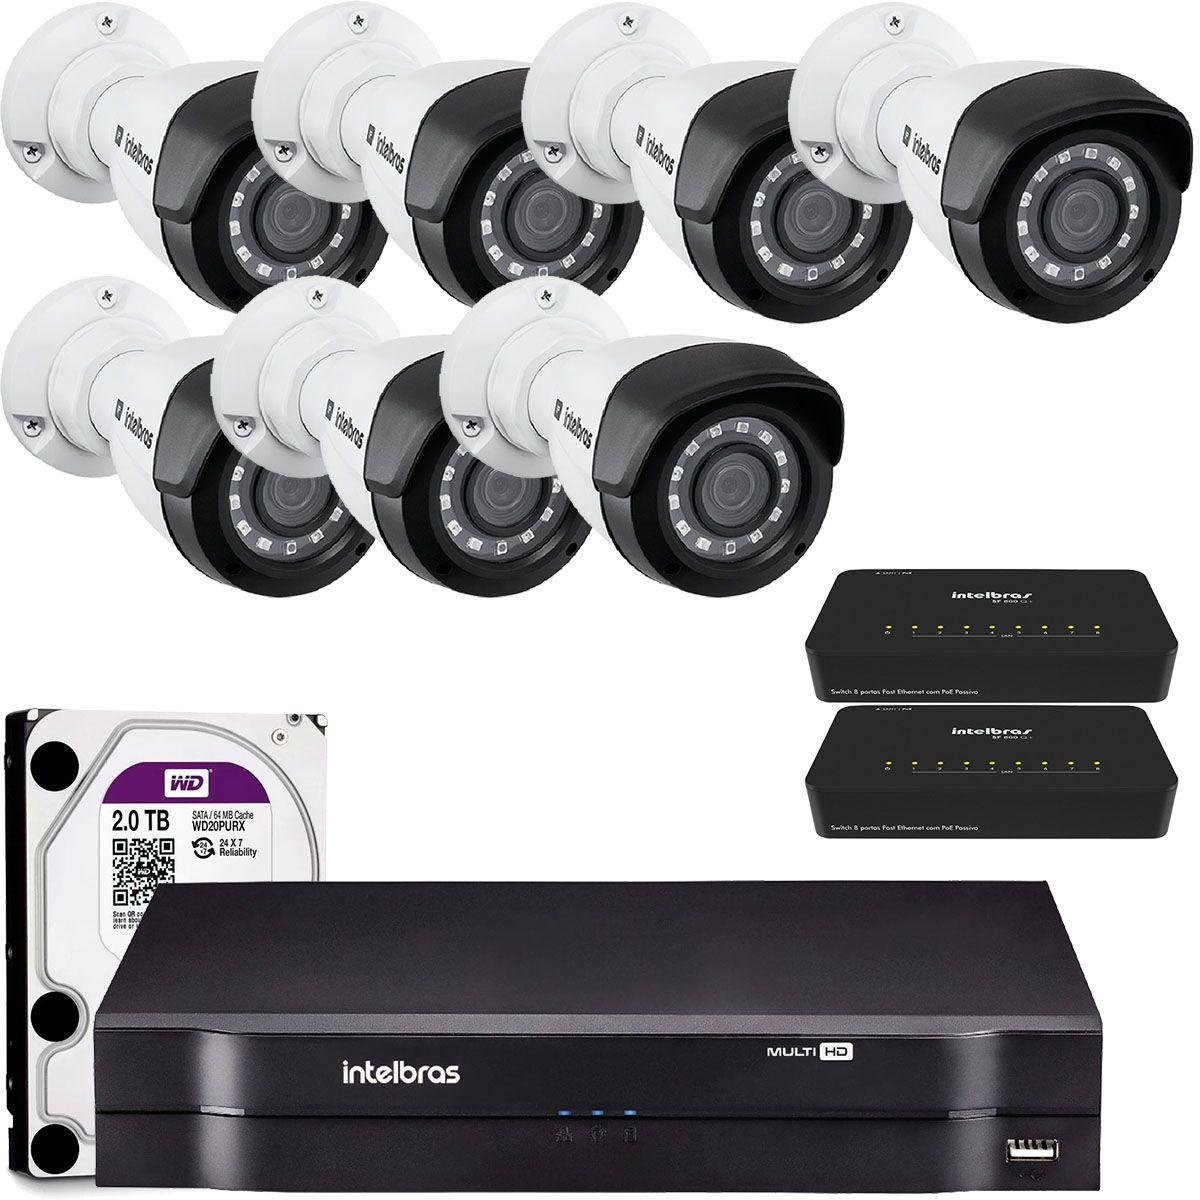 Kit Câmera Ip Intelbras com Nvd 8 Canais e Câmeras 1020 IP